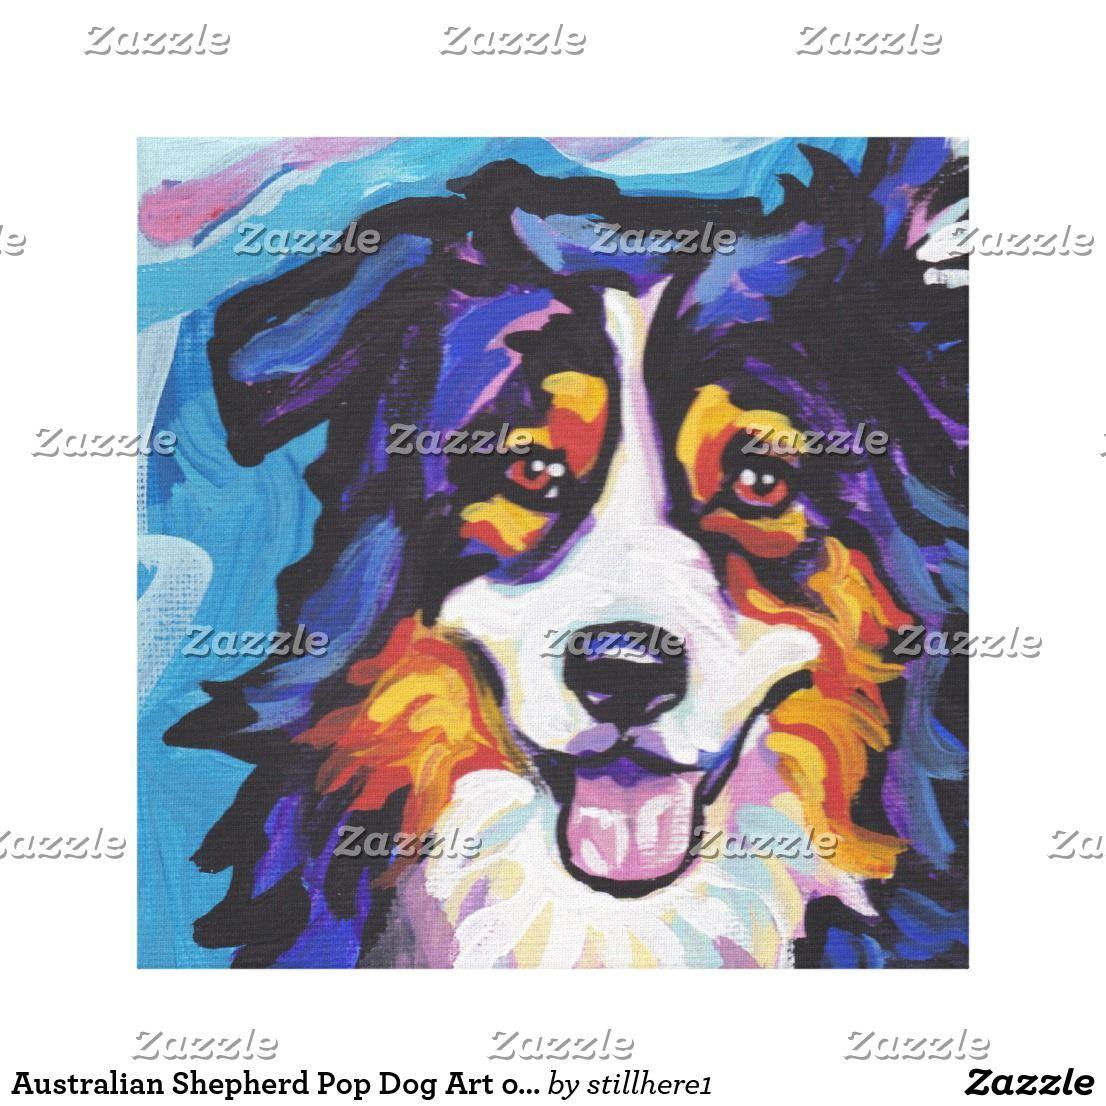 Australian Shepherd Pop Dog Art On Wrapped Canvas In 2020 Dog Pop Art Dog Painting Pop Art Dog Paintings